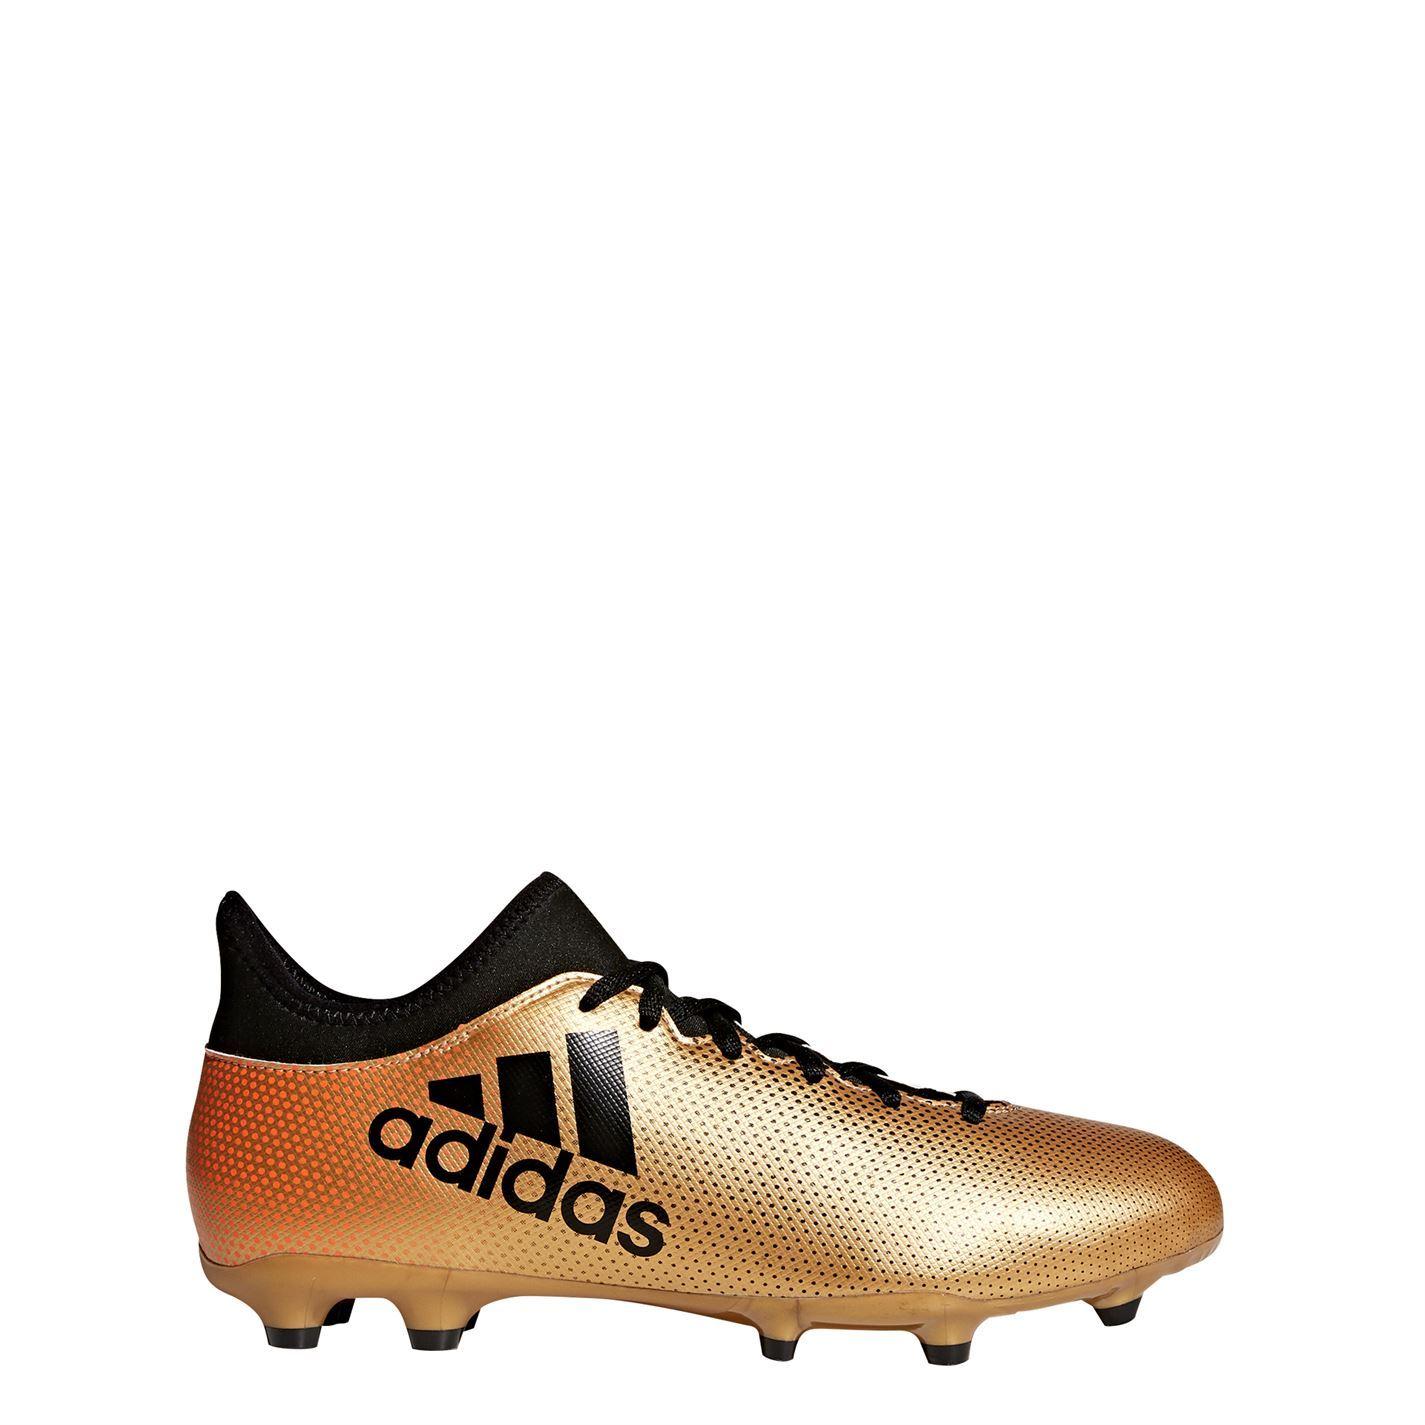 timeless design f43e0 a4281 ... Adidas X 17.3 FG FG FG Football Stiefel Mens Gents Firm Ground  Ventilated Lightweight d618fb